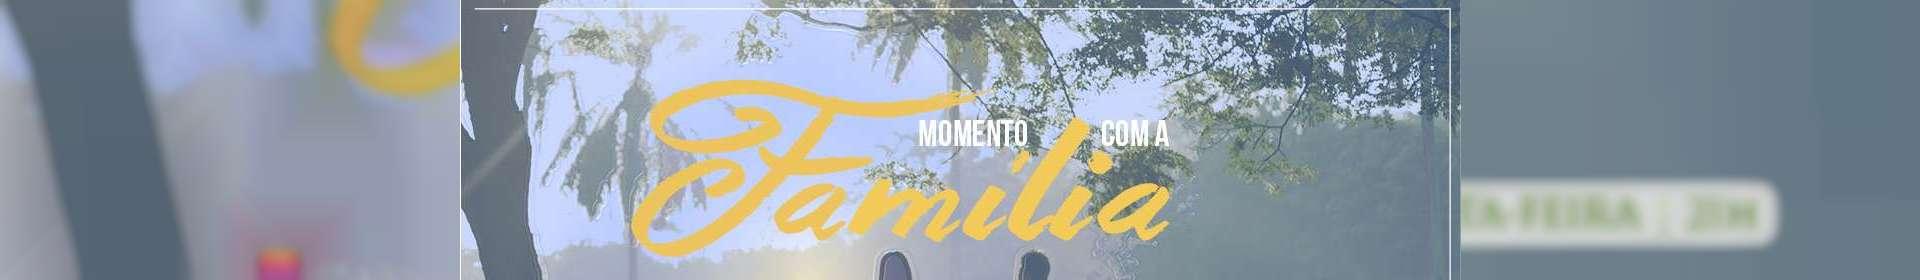 Culto Momento com a Família - 24/07/2020